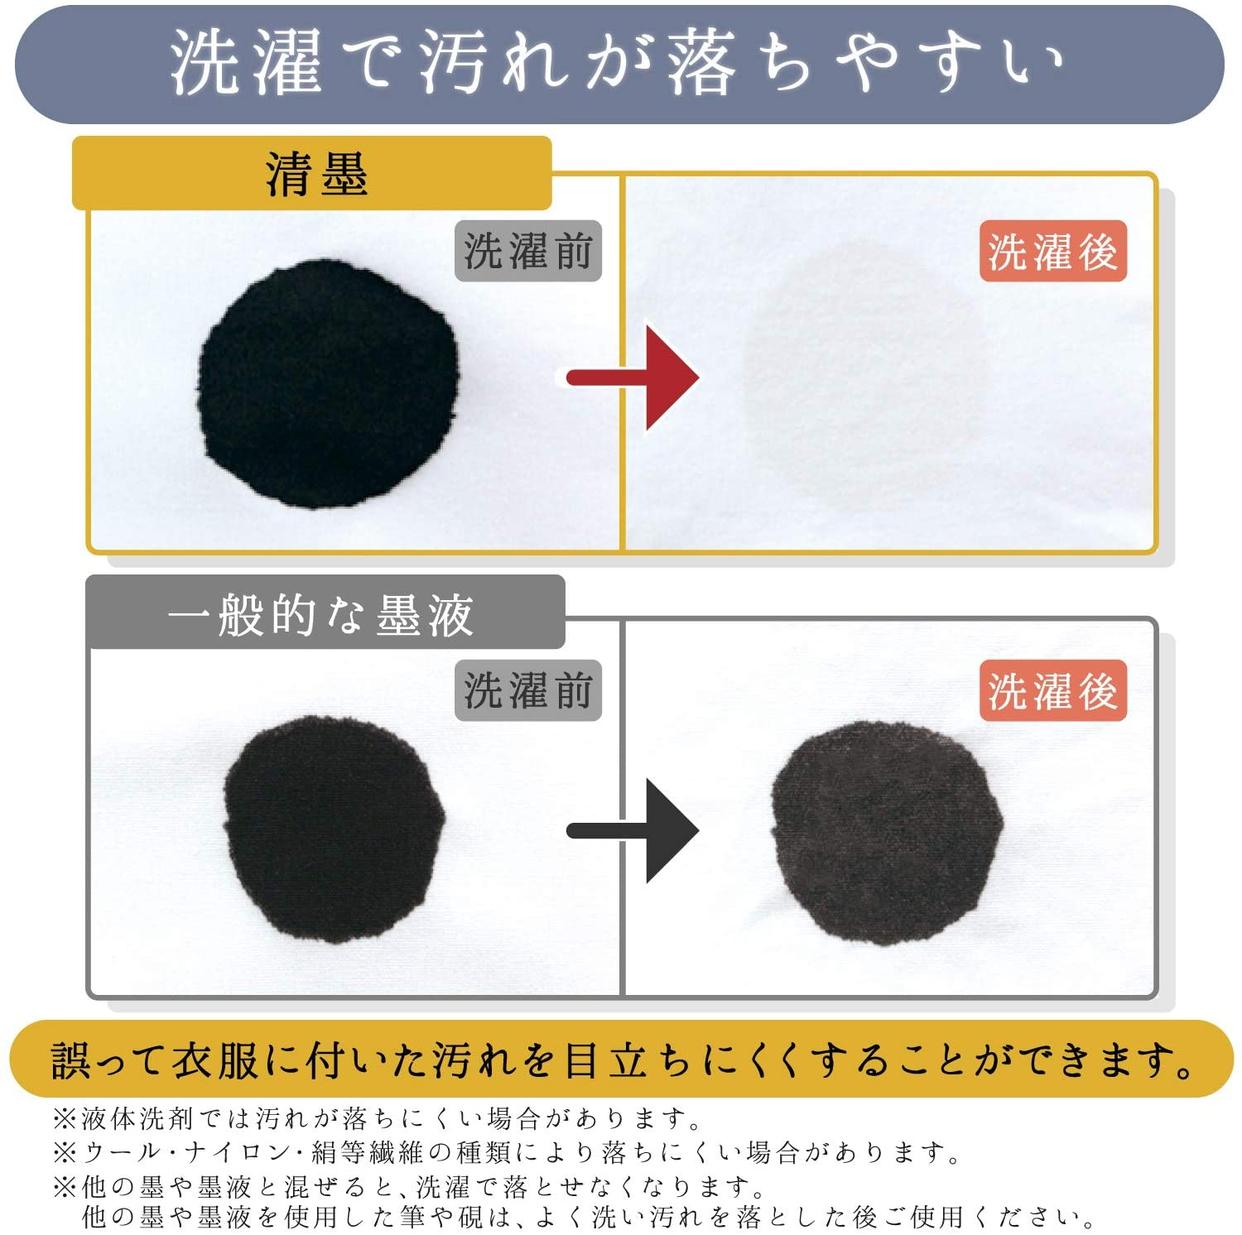 SAKURA(サクラ) 清墨 805304の商品画像4